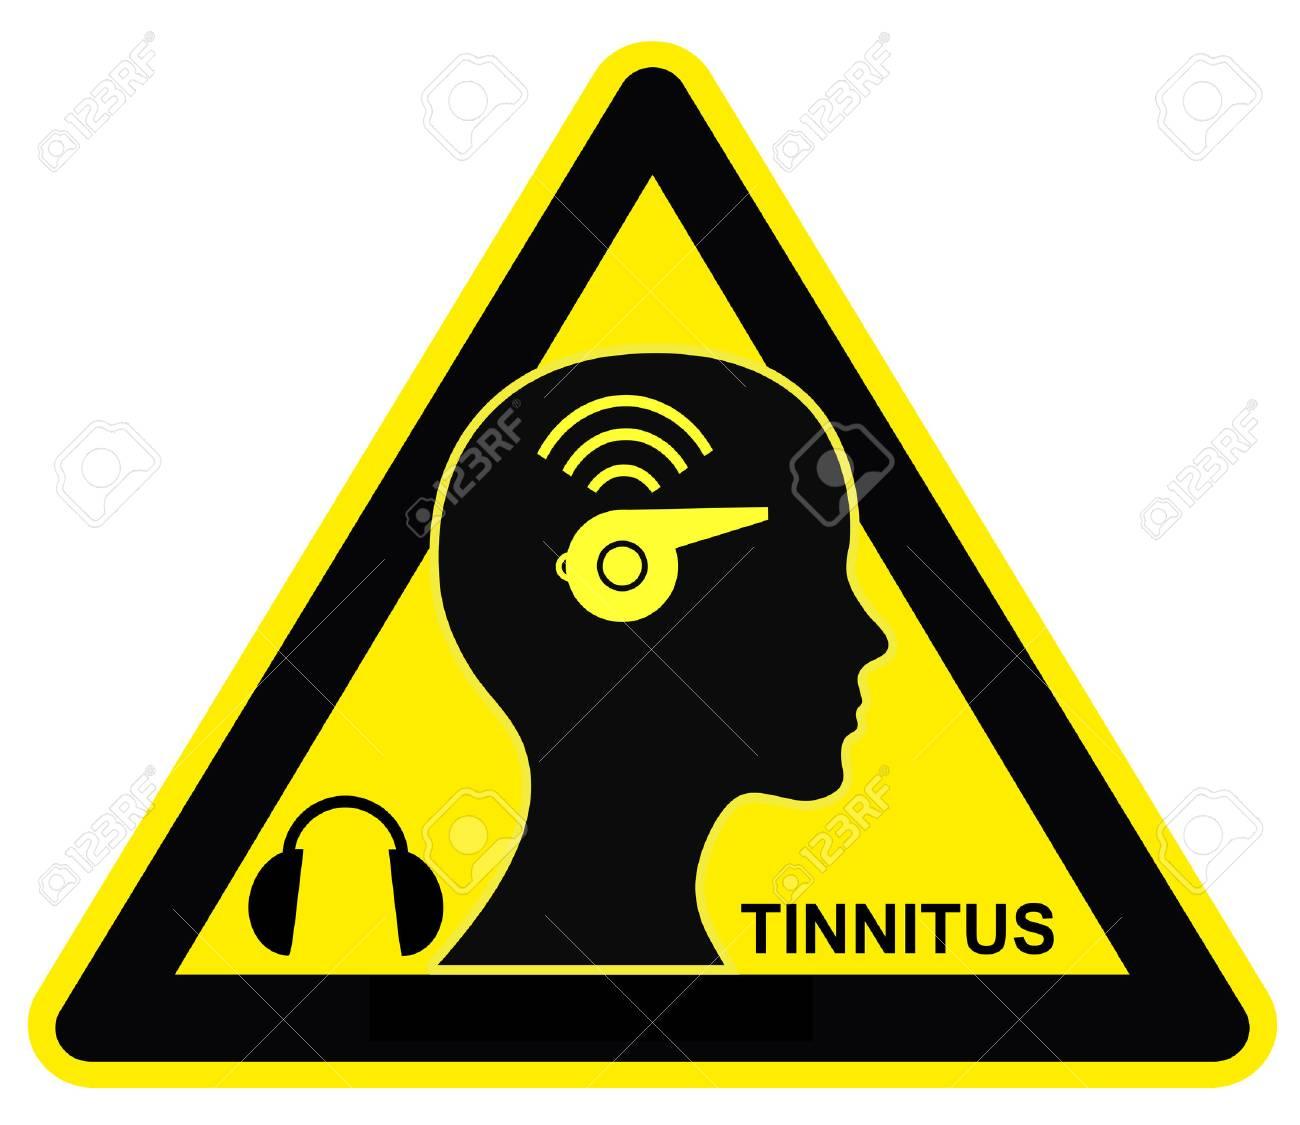 Attention acouphènes. Porter des protecteurs d'oreilles pour éviter le  bourdonnement gênant et la sonnerie de l'acouphène